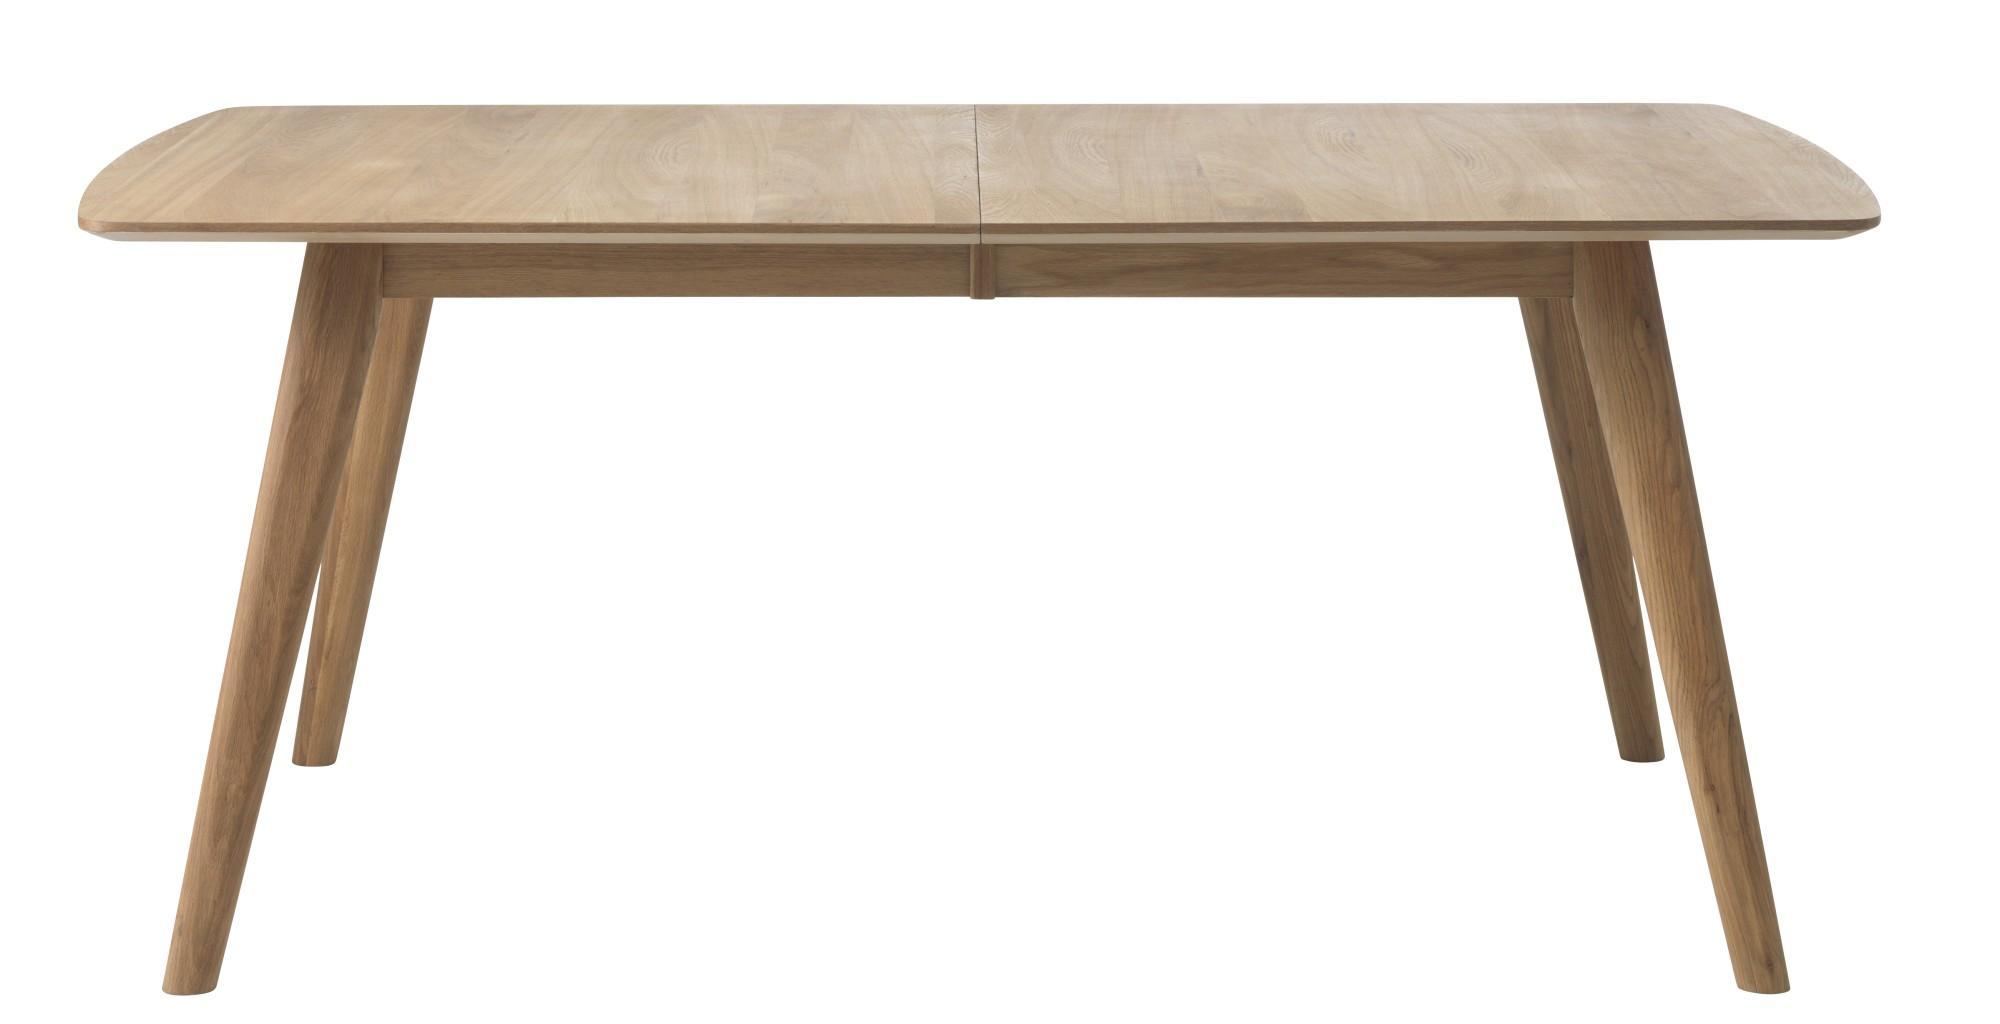 Full Size of Esstisch Weiß Ausziehbar Glas Esstische Holz Ausziehbares Bett Eiche 160 Runder Ausziehbarer Massiv Rund Design Moderne Esstische Esstische Ausziehbar